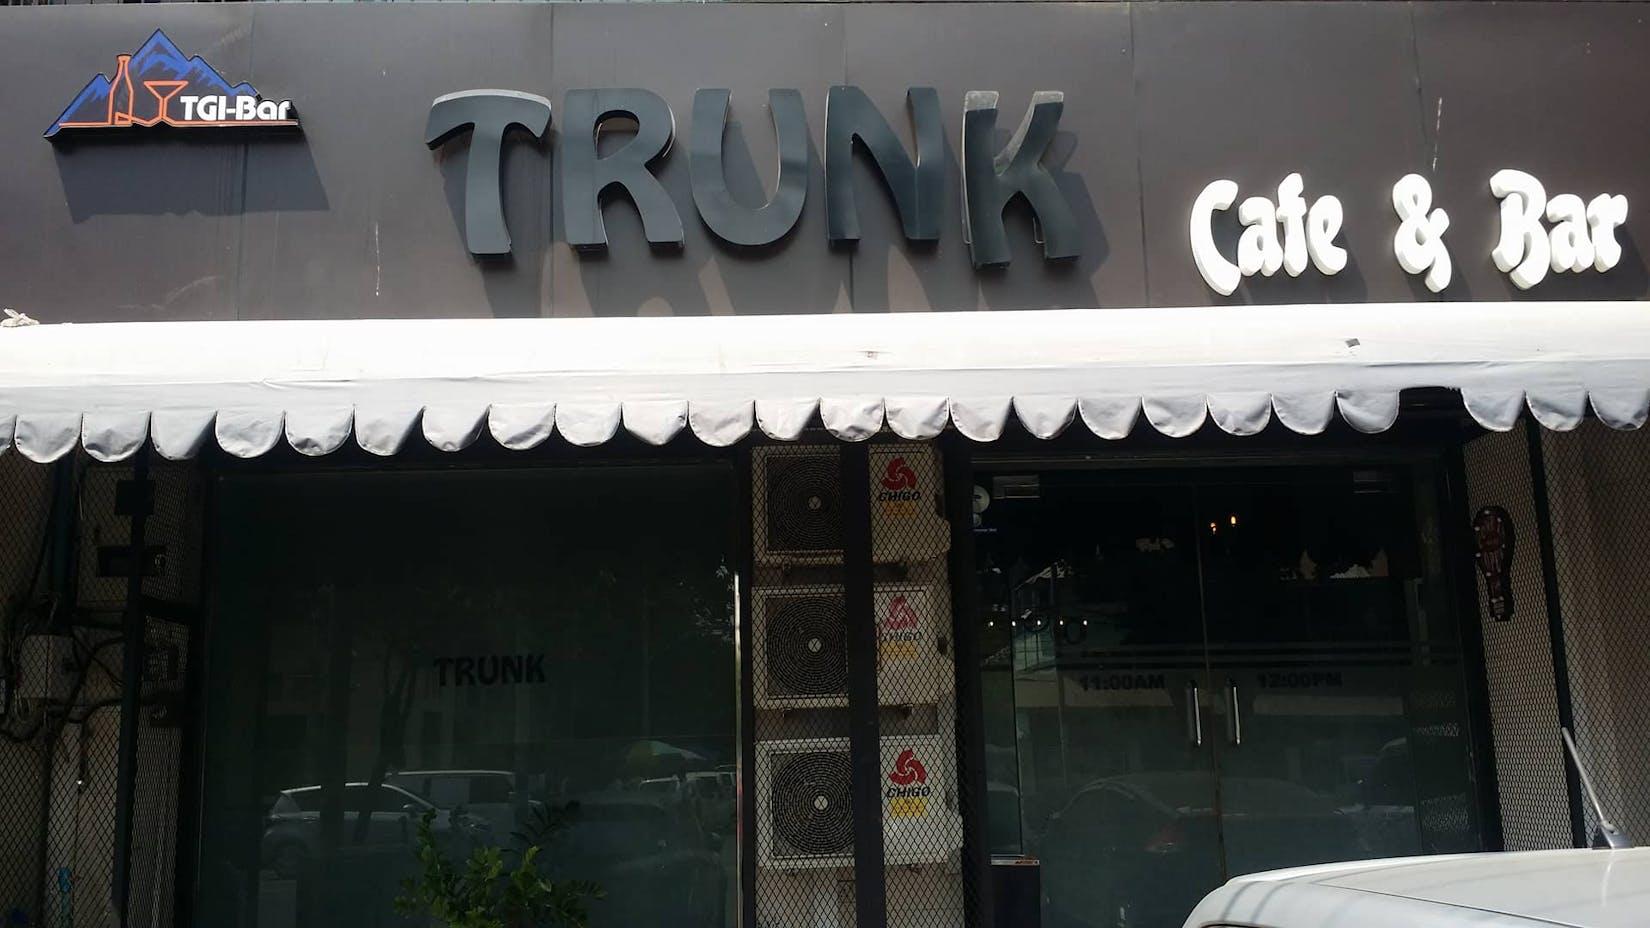 TRUNK CAFE & BAR | yathar